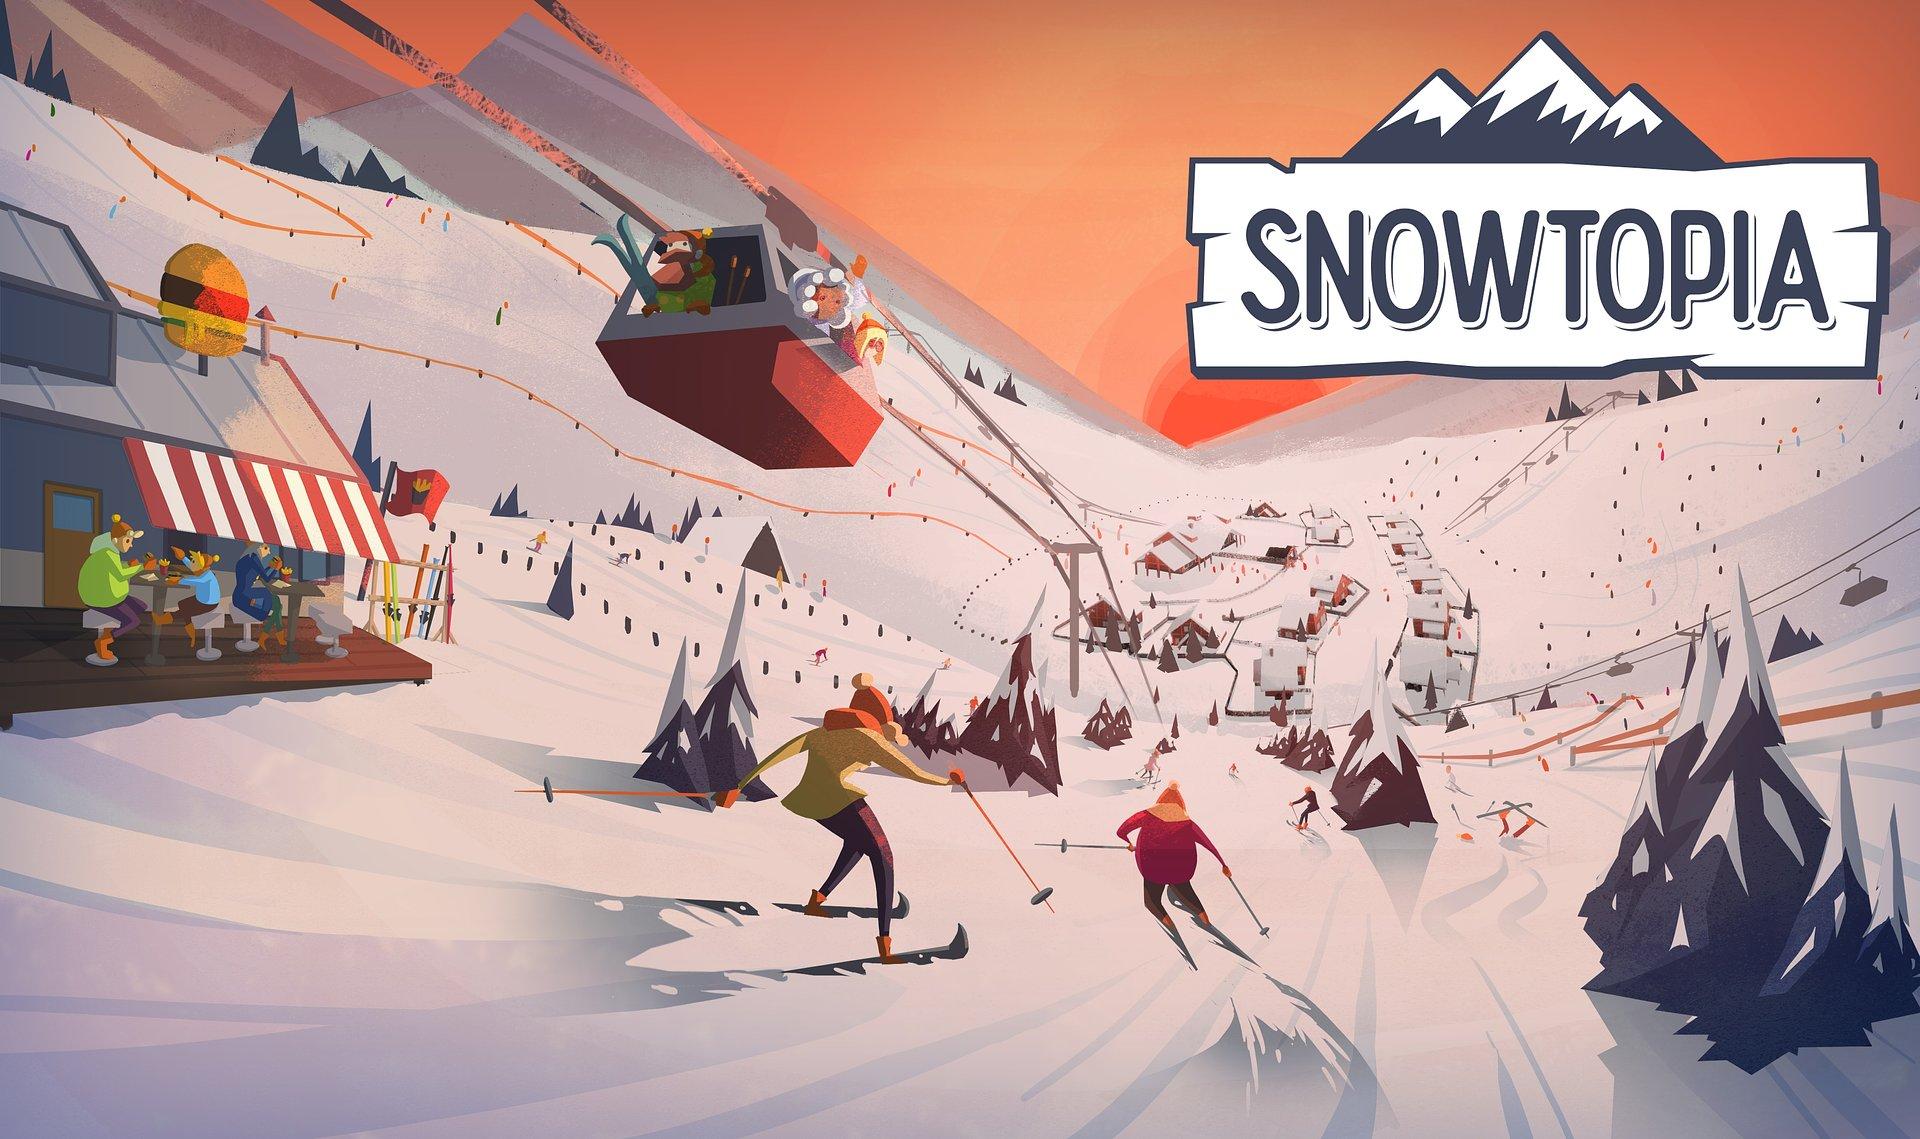 Snowtopia - twój własny kurort narciarski otwiera stoki we Wczesnym Dostępie już dzisiaj!